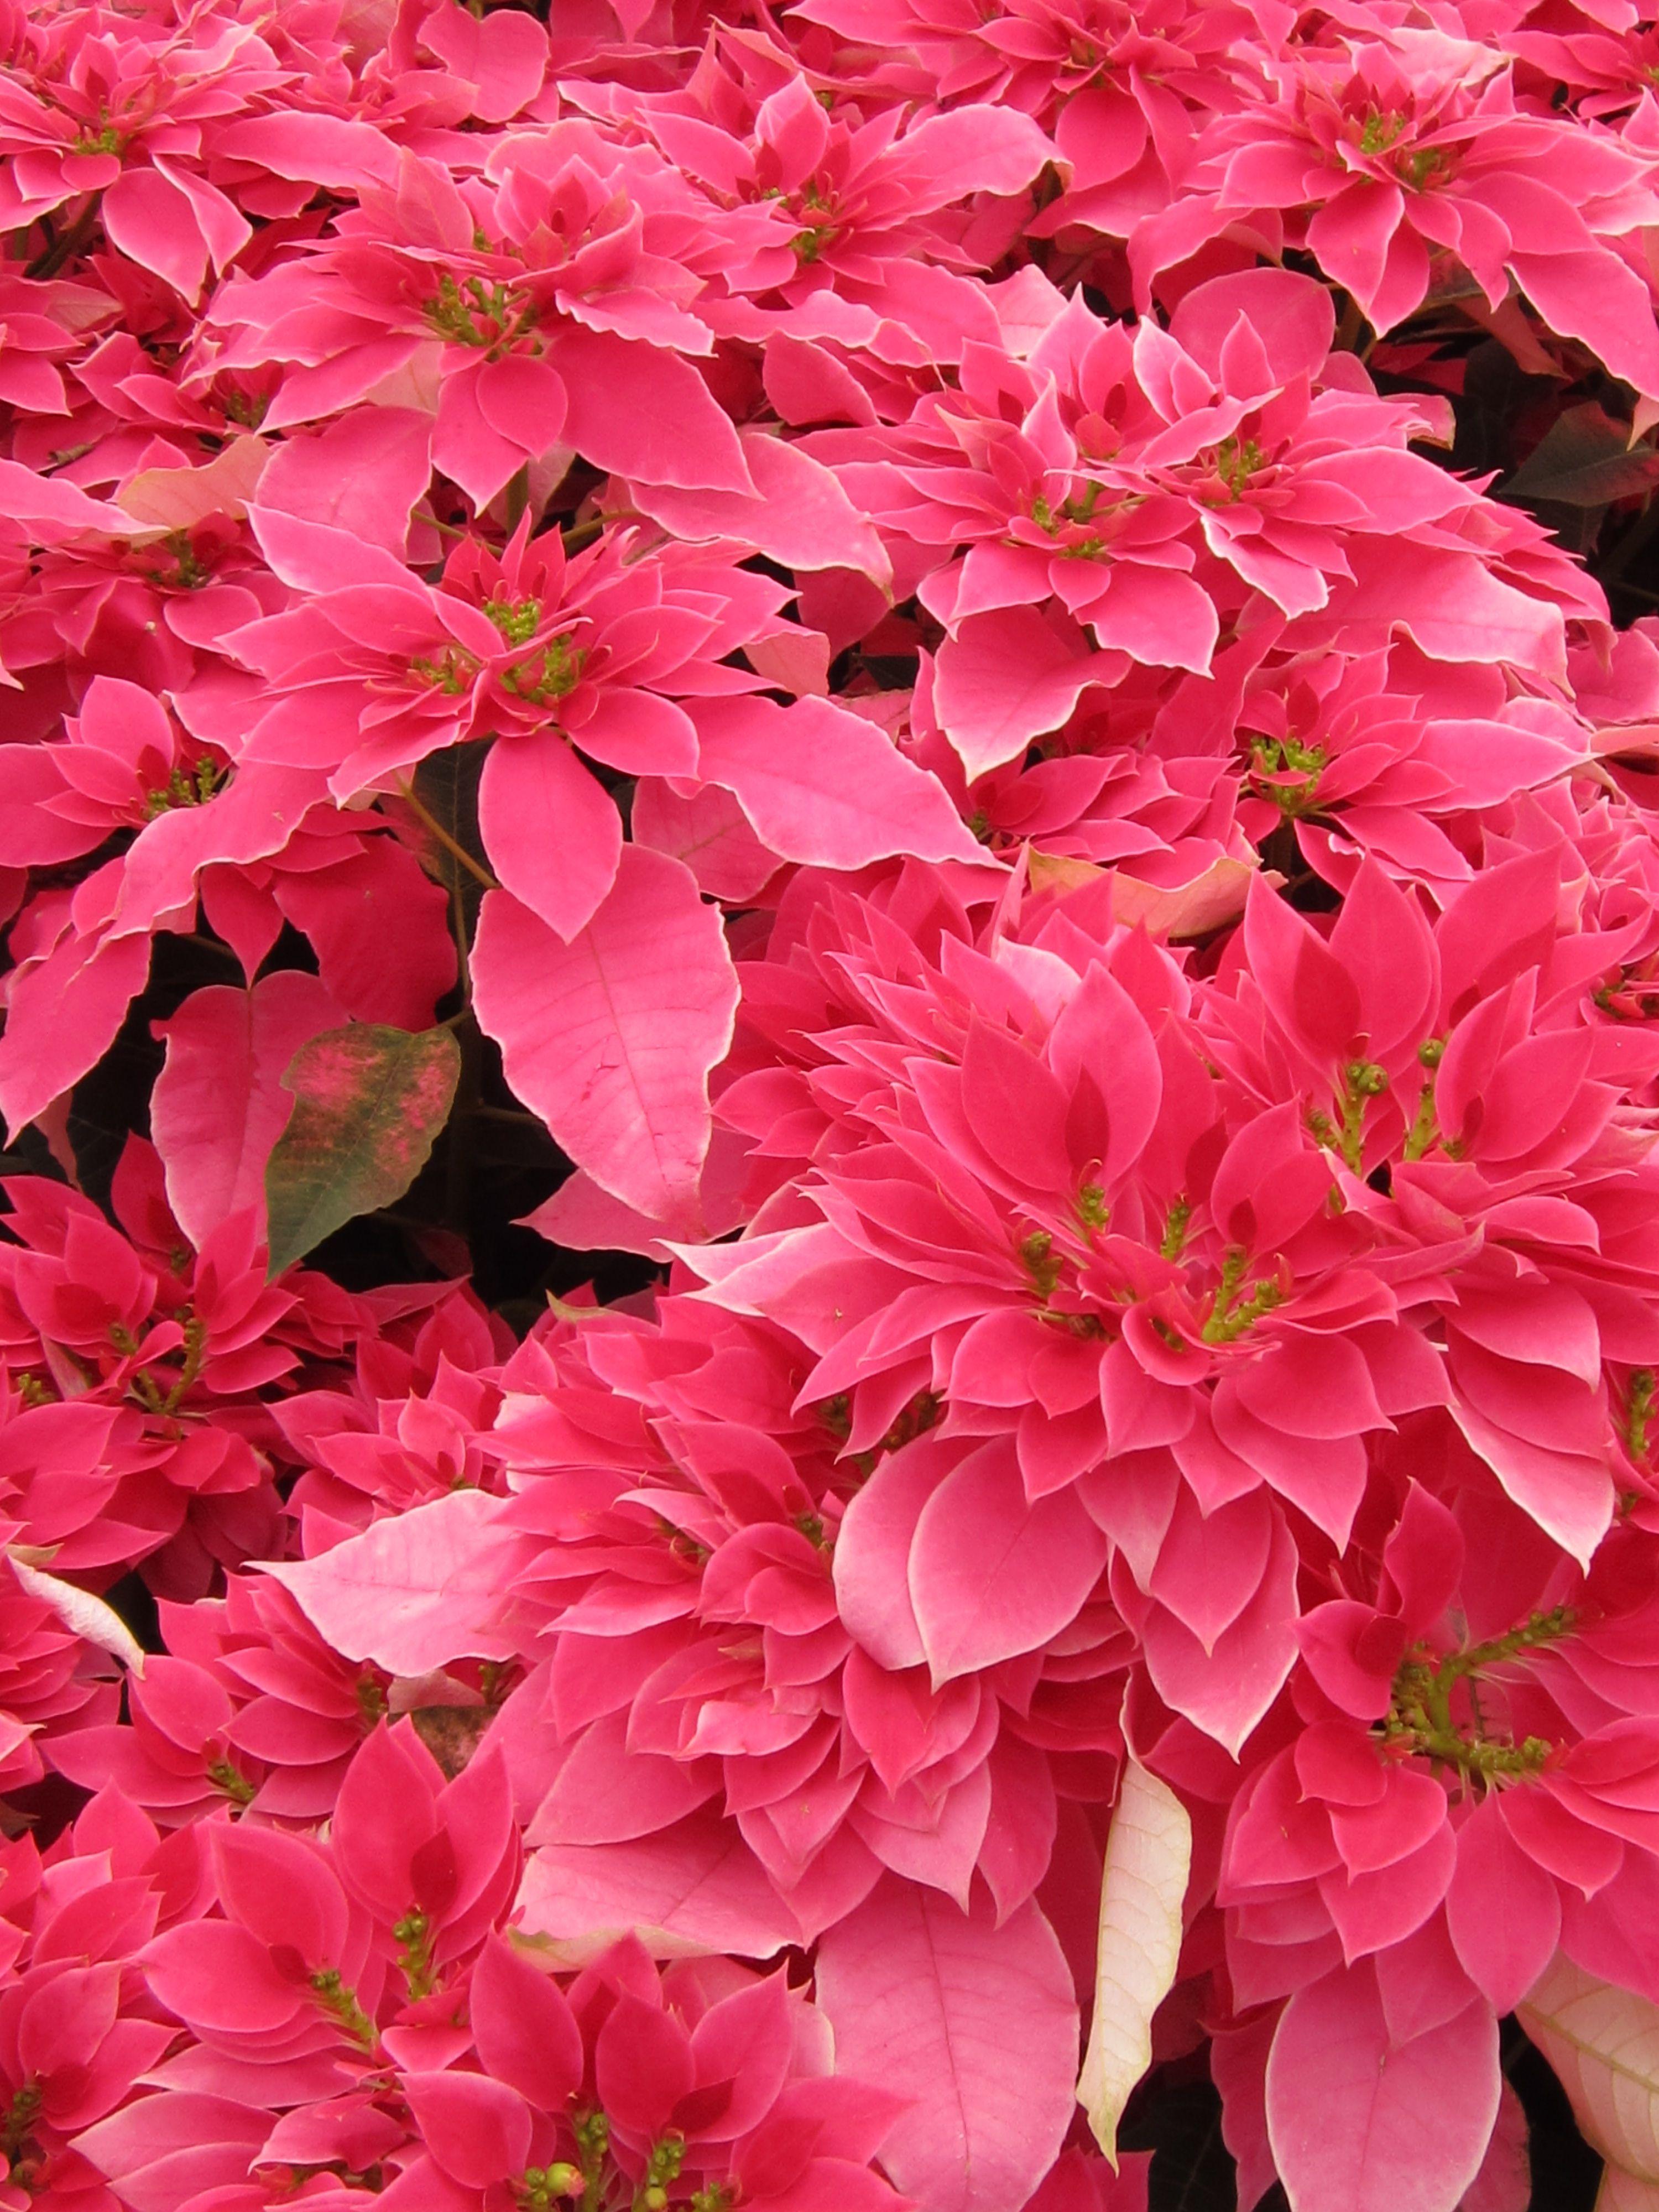 Pascuas Flores Y Paisajes Pinterest Poinsettia Flowers